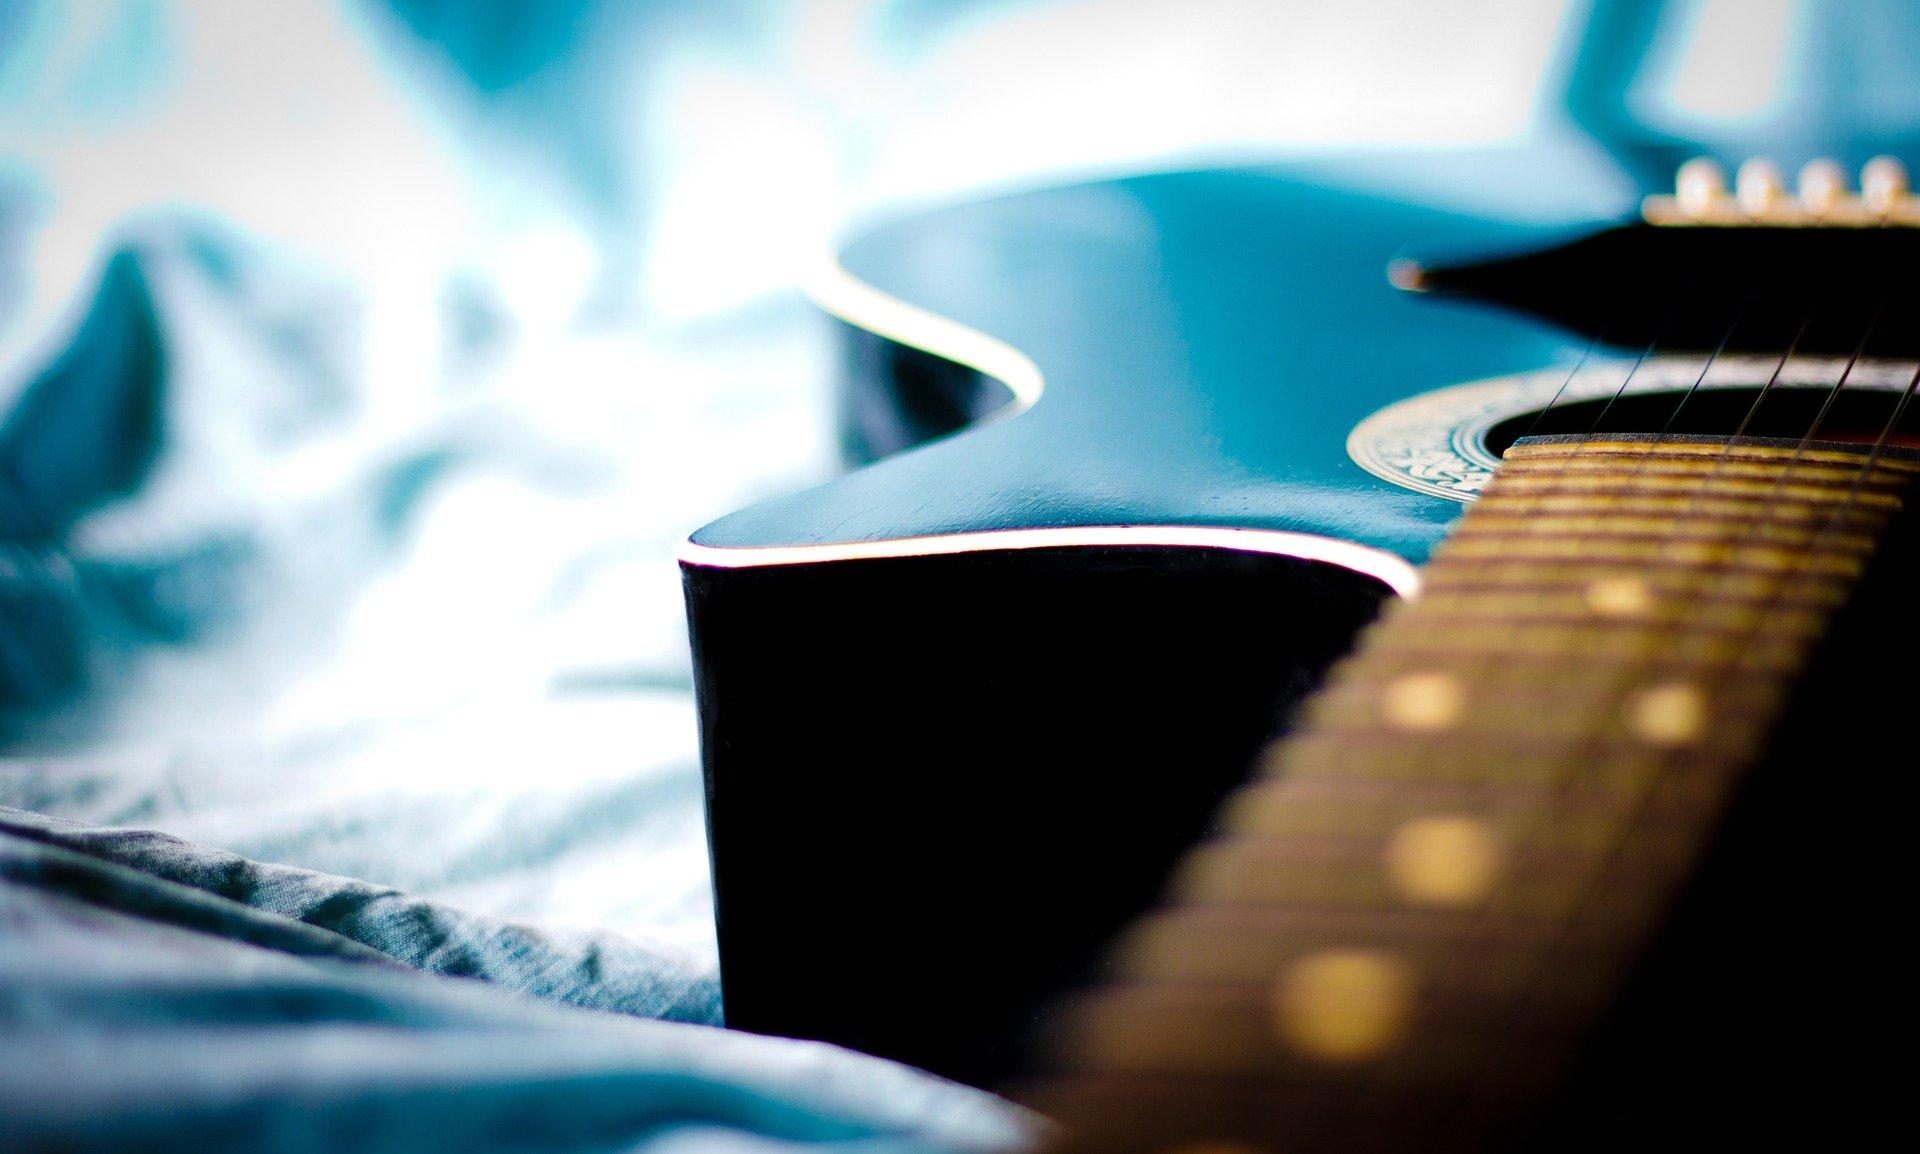 guitar-1362203_1920